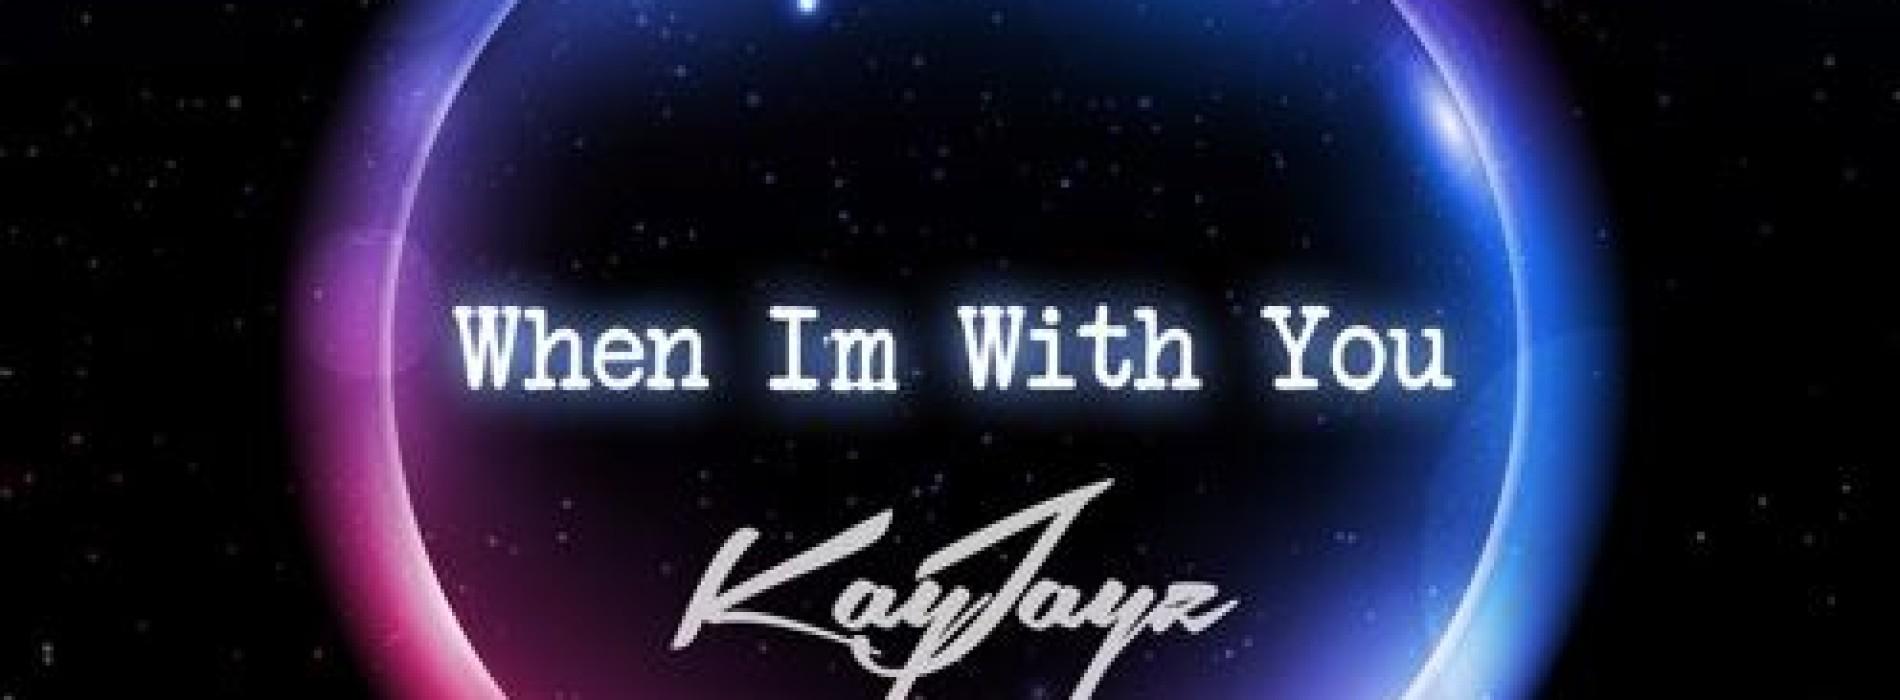 Kayjayz – When I'm With You